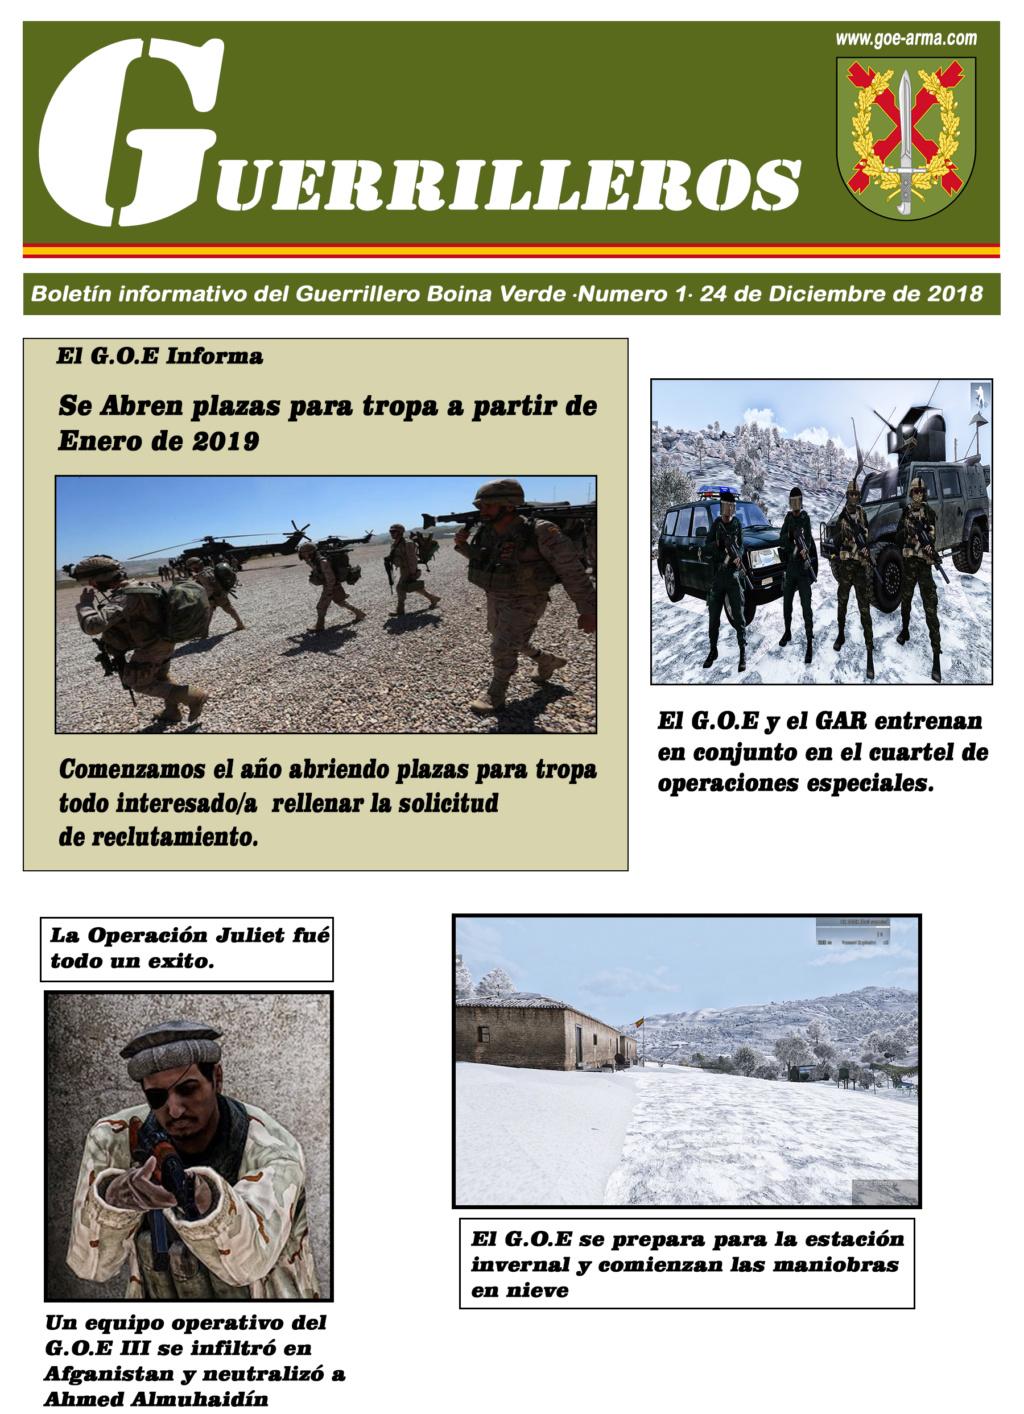 Revista del Guerrillero Nº1 Period10